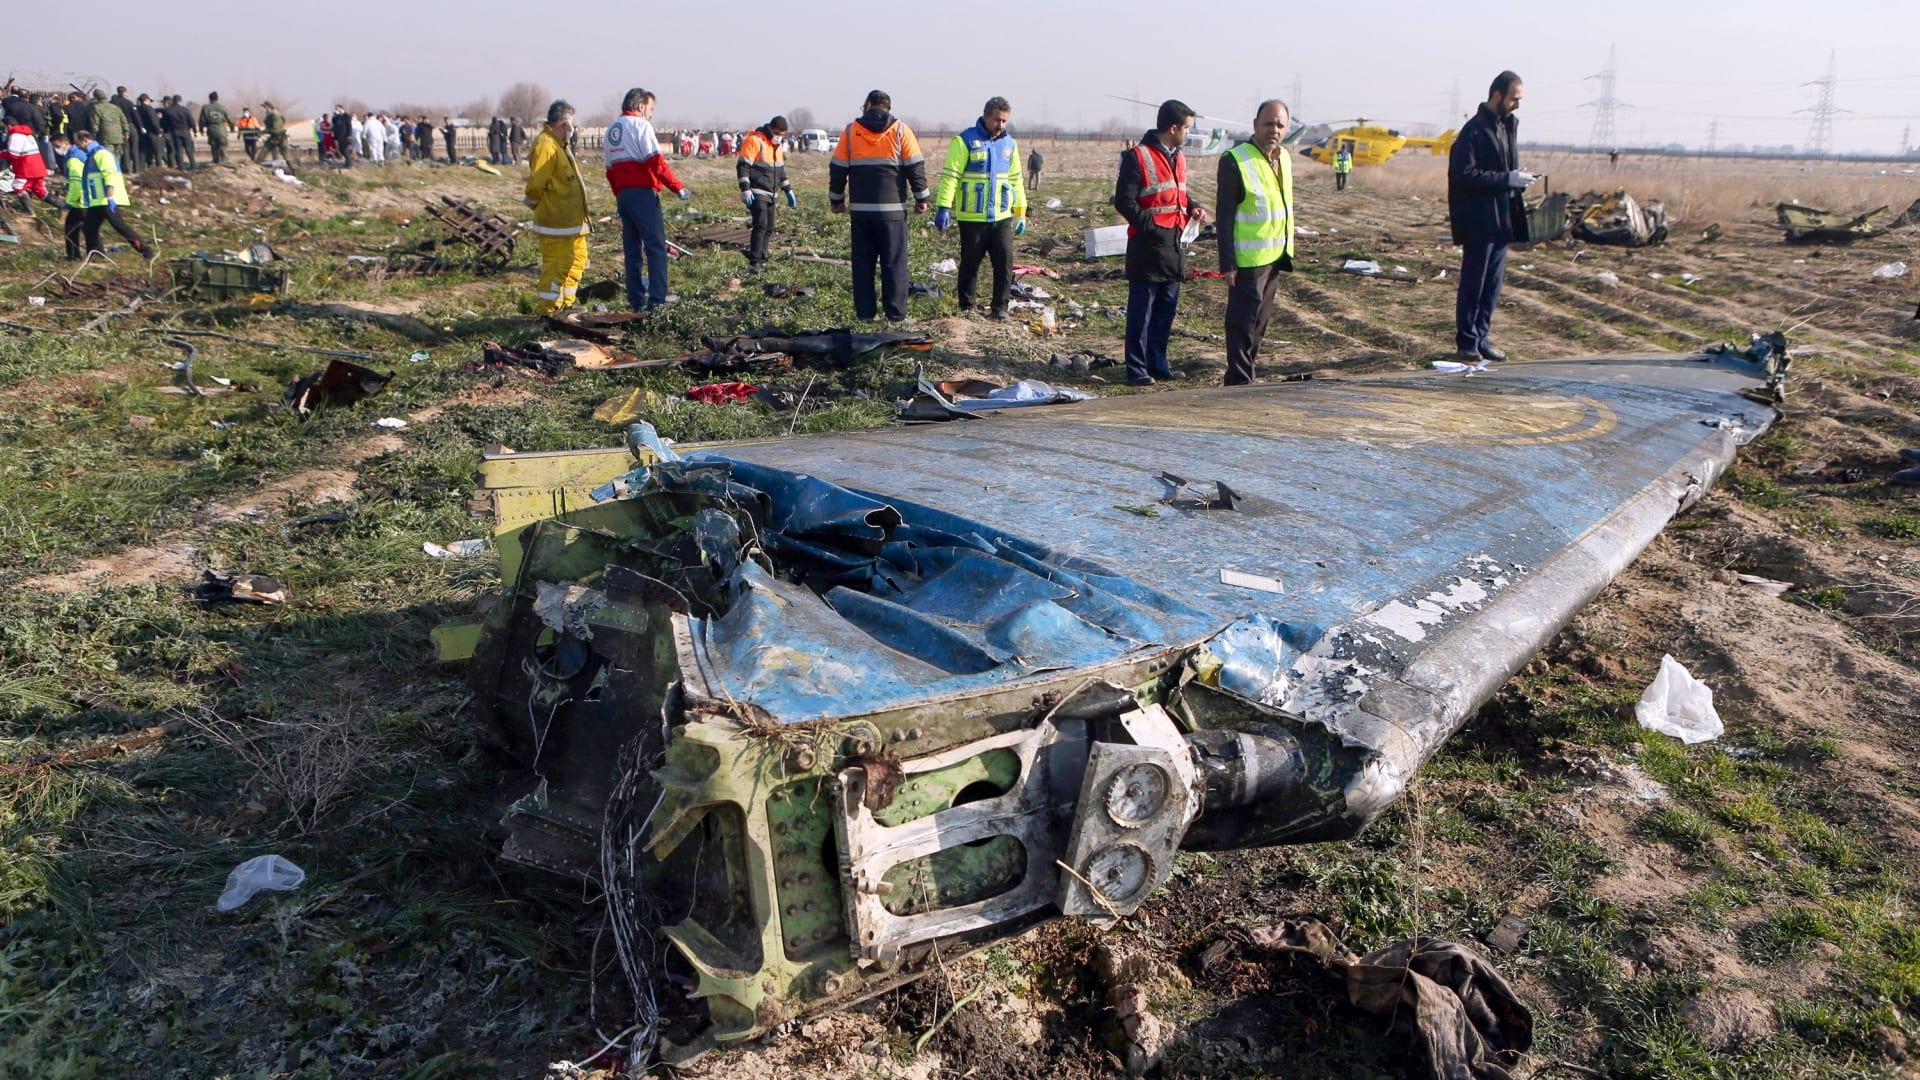 أوكرانيا تطلب تعويض ضحايا الطائرة بعد اعتراف إيران